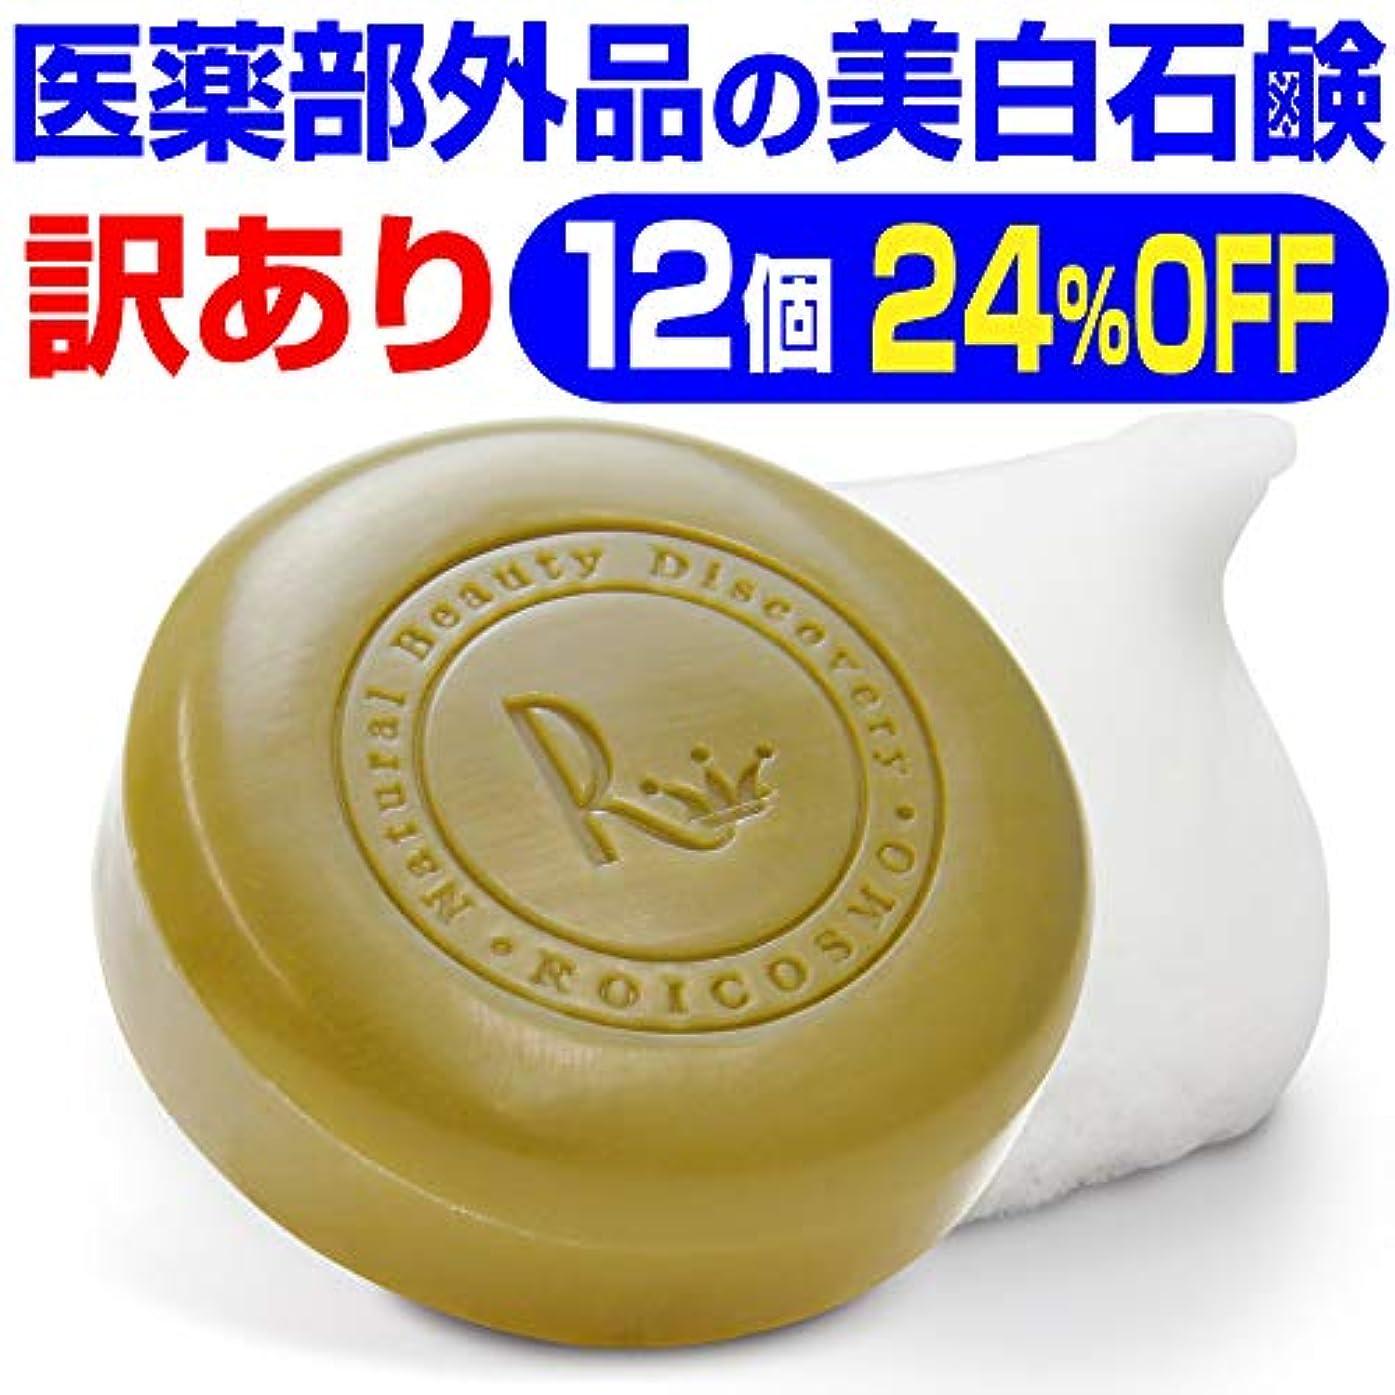 ペリスコープどう?一回訳あり24%OFF(1個2,036円)売切れ御免 ビタミンC270倍の美白成分の 洗顔石鹸『ホワイトソープ100g×12個』